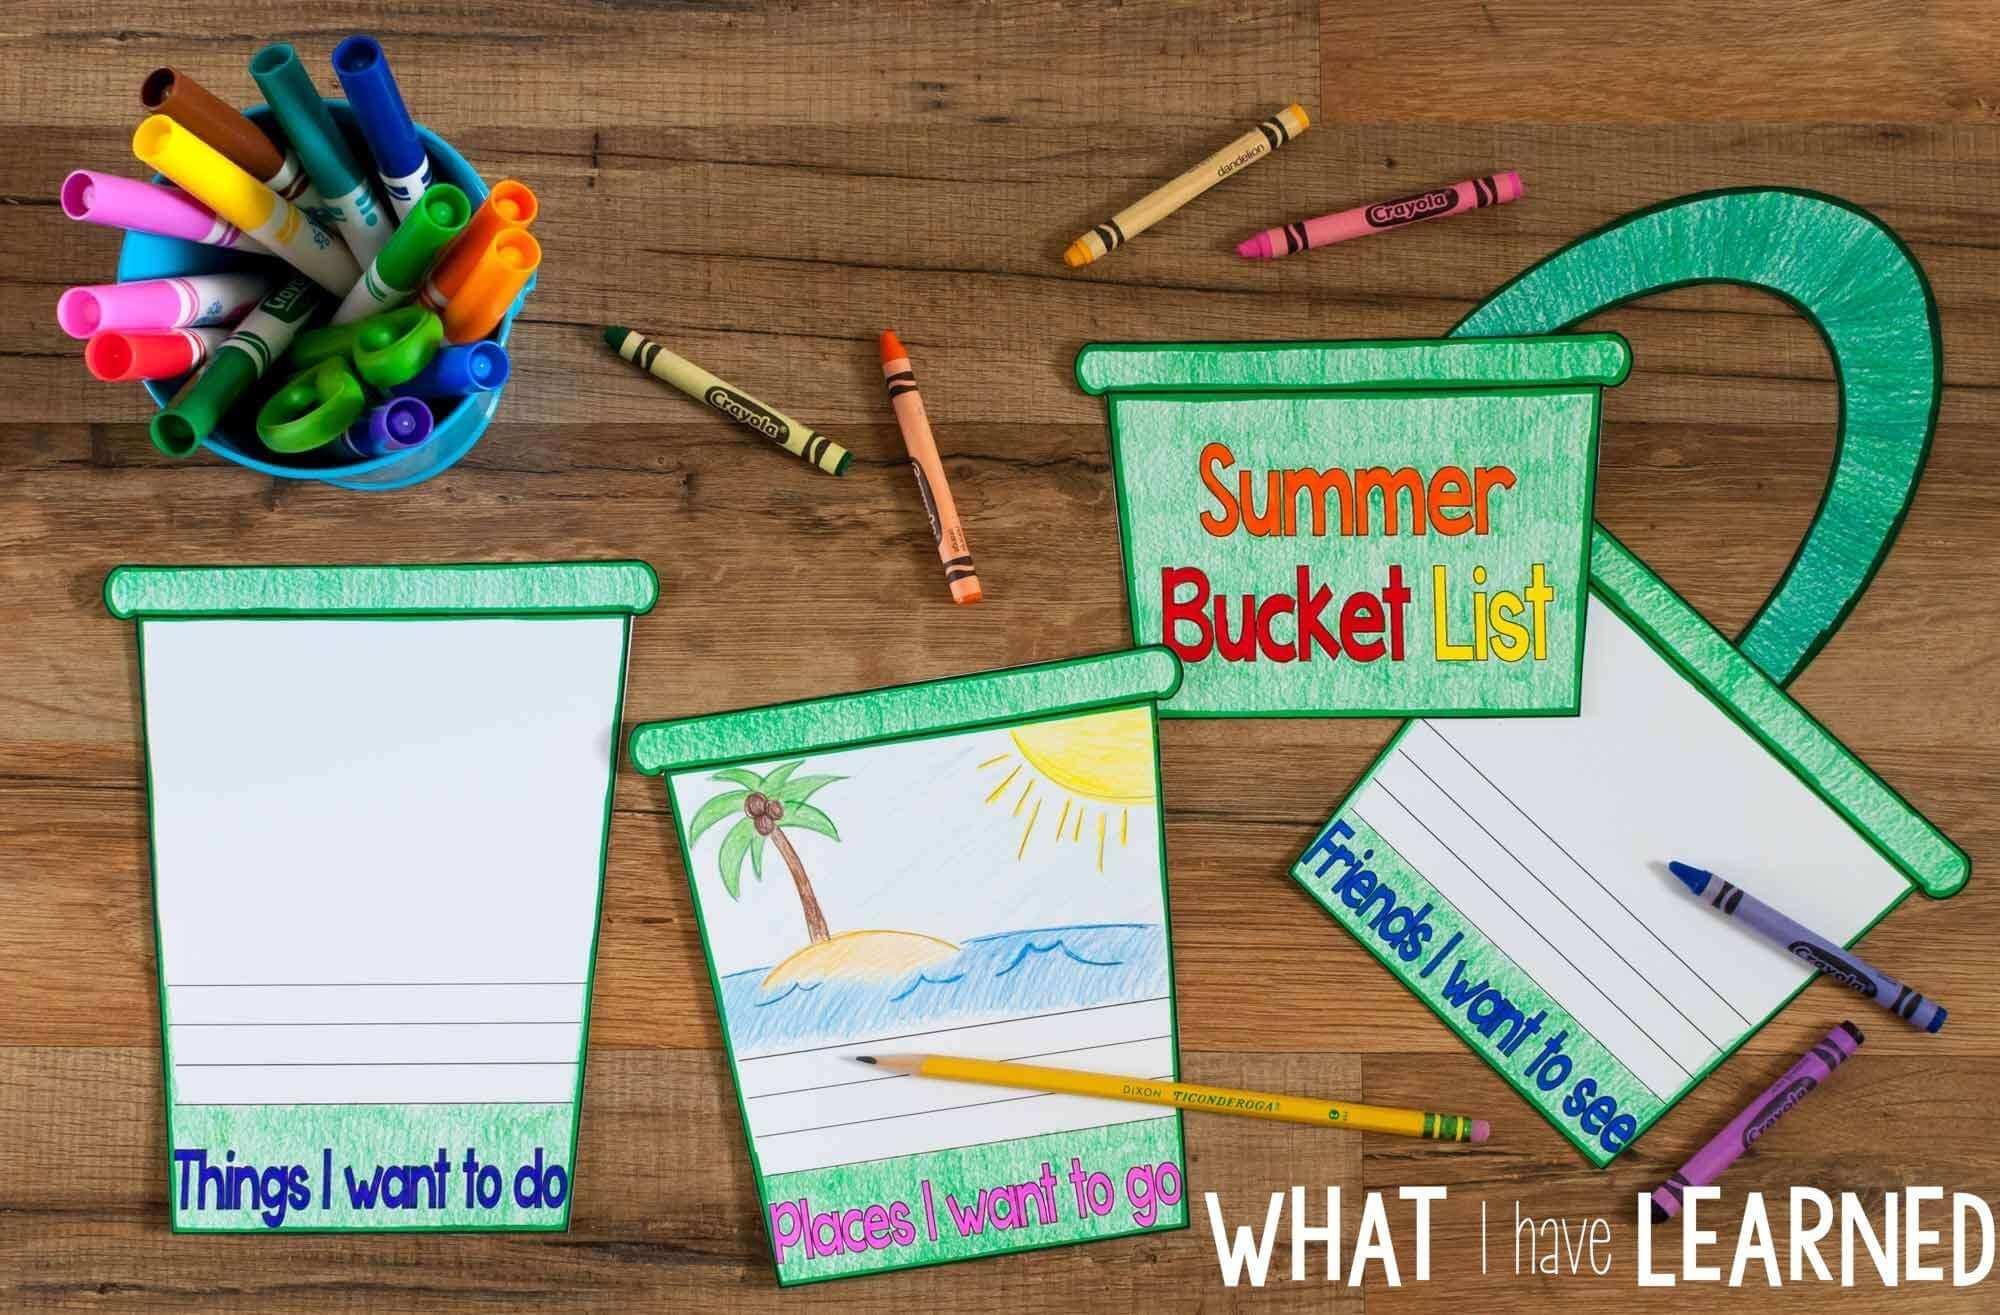 Summer Bucket List Flap Book Writing Craftivity